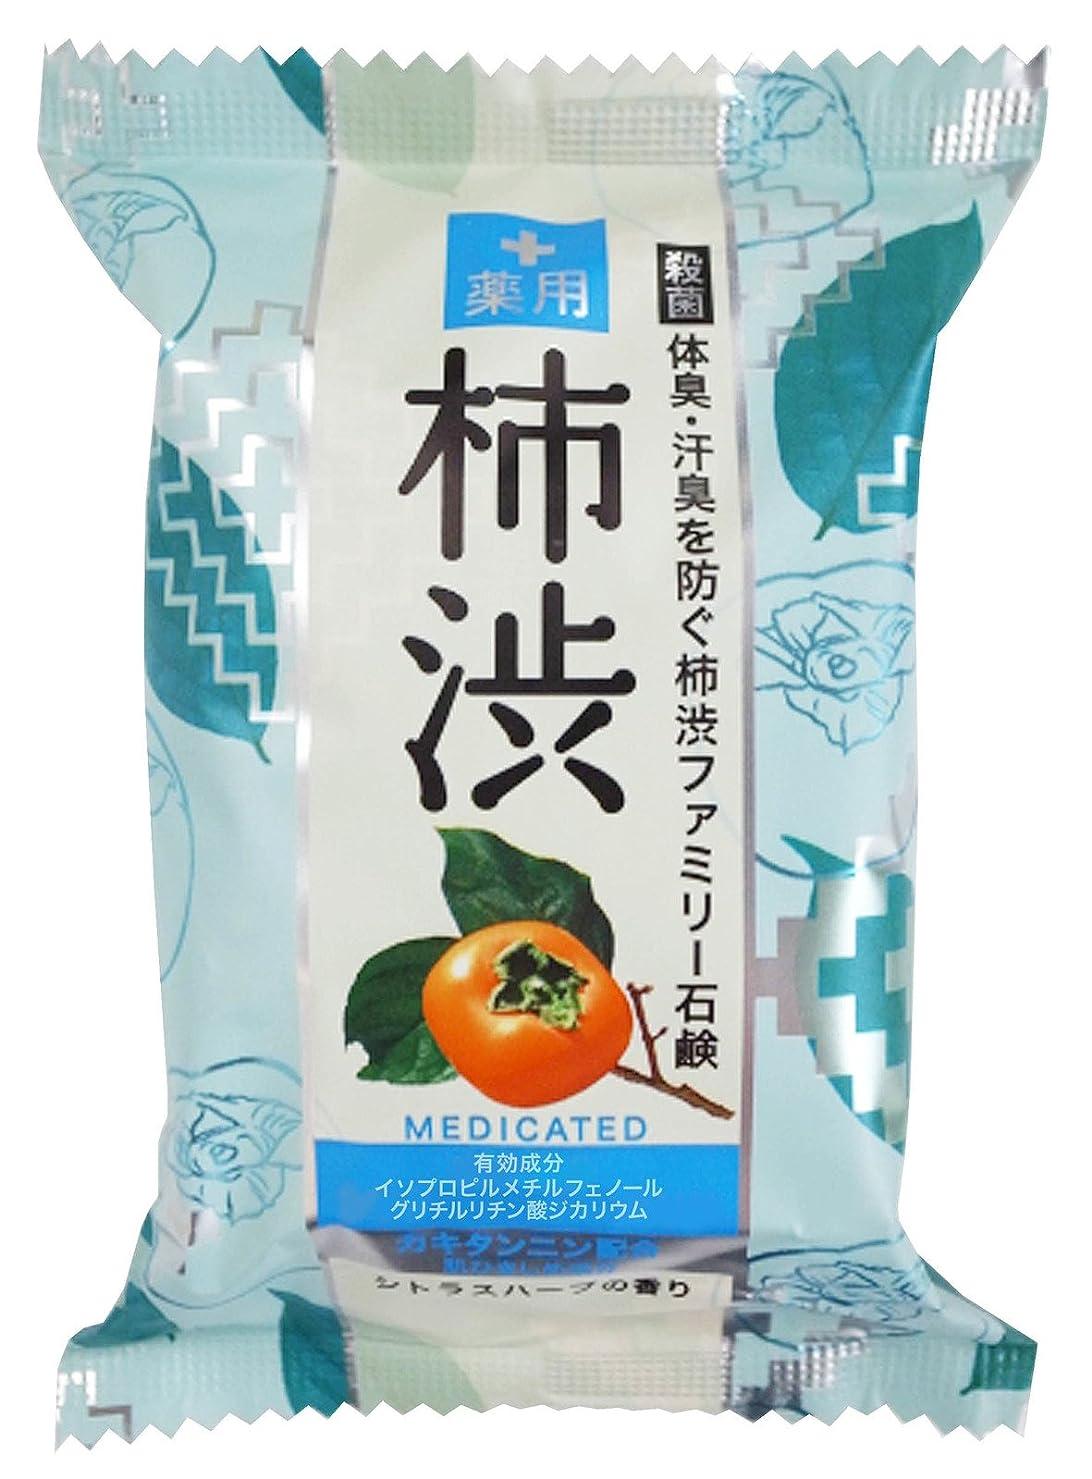 説得ペナルティ波紋ペリカン石鹸 薬用ファミリー柿渋石鹸